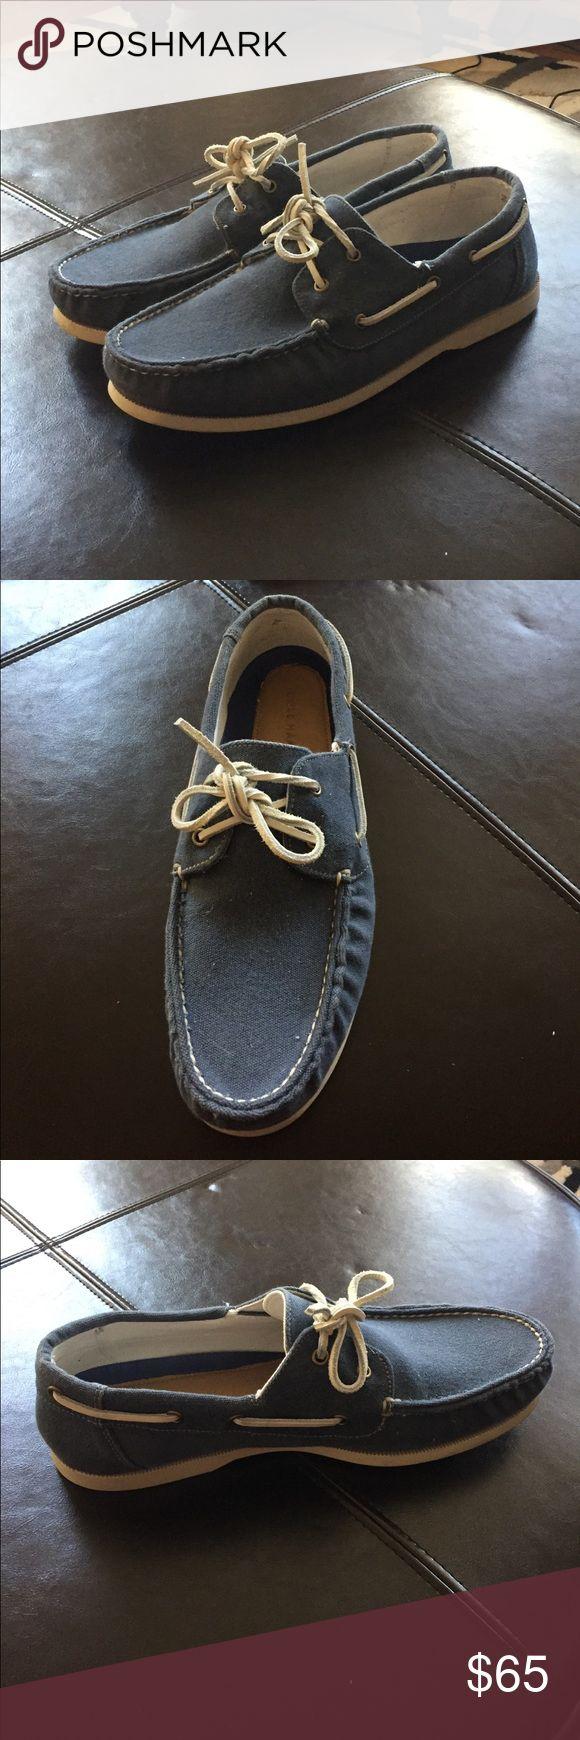 Cole Haan blue boat shoes Cole Haan men's size 11 blue boat shoes. Worn once. Cole Haan Shoes Boat Shoes